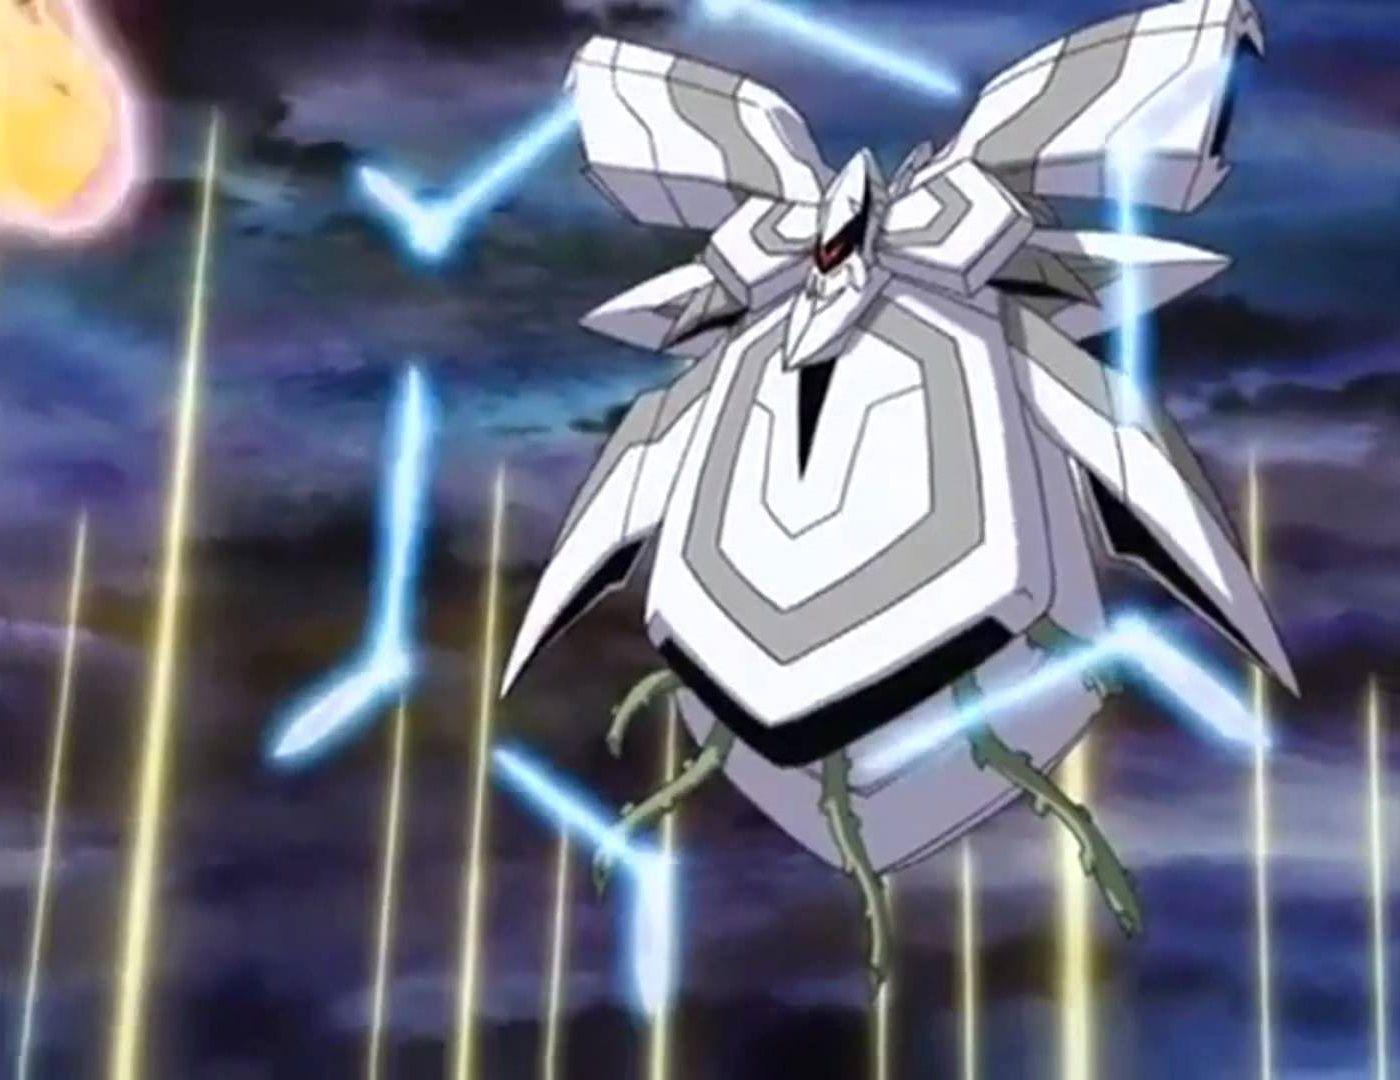 ¿Cómo son llamados los Digimon prototipos de Yggdrasil?